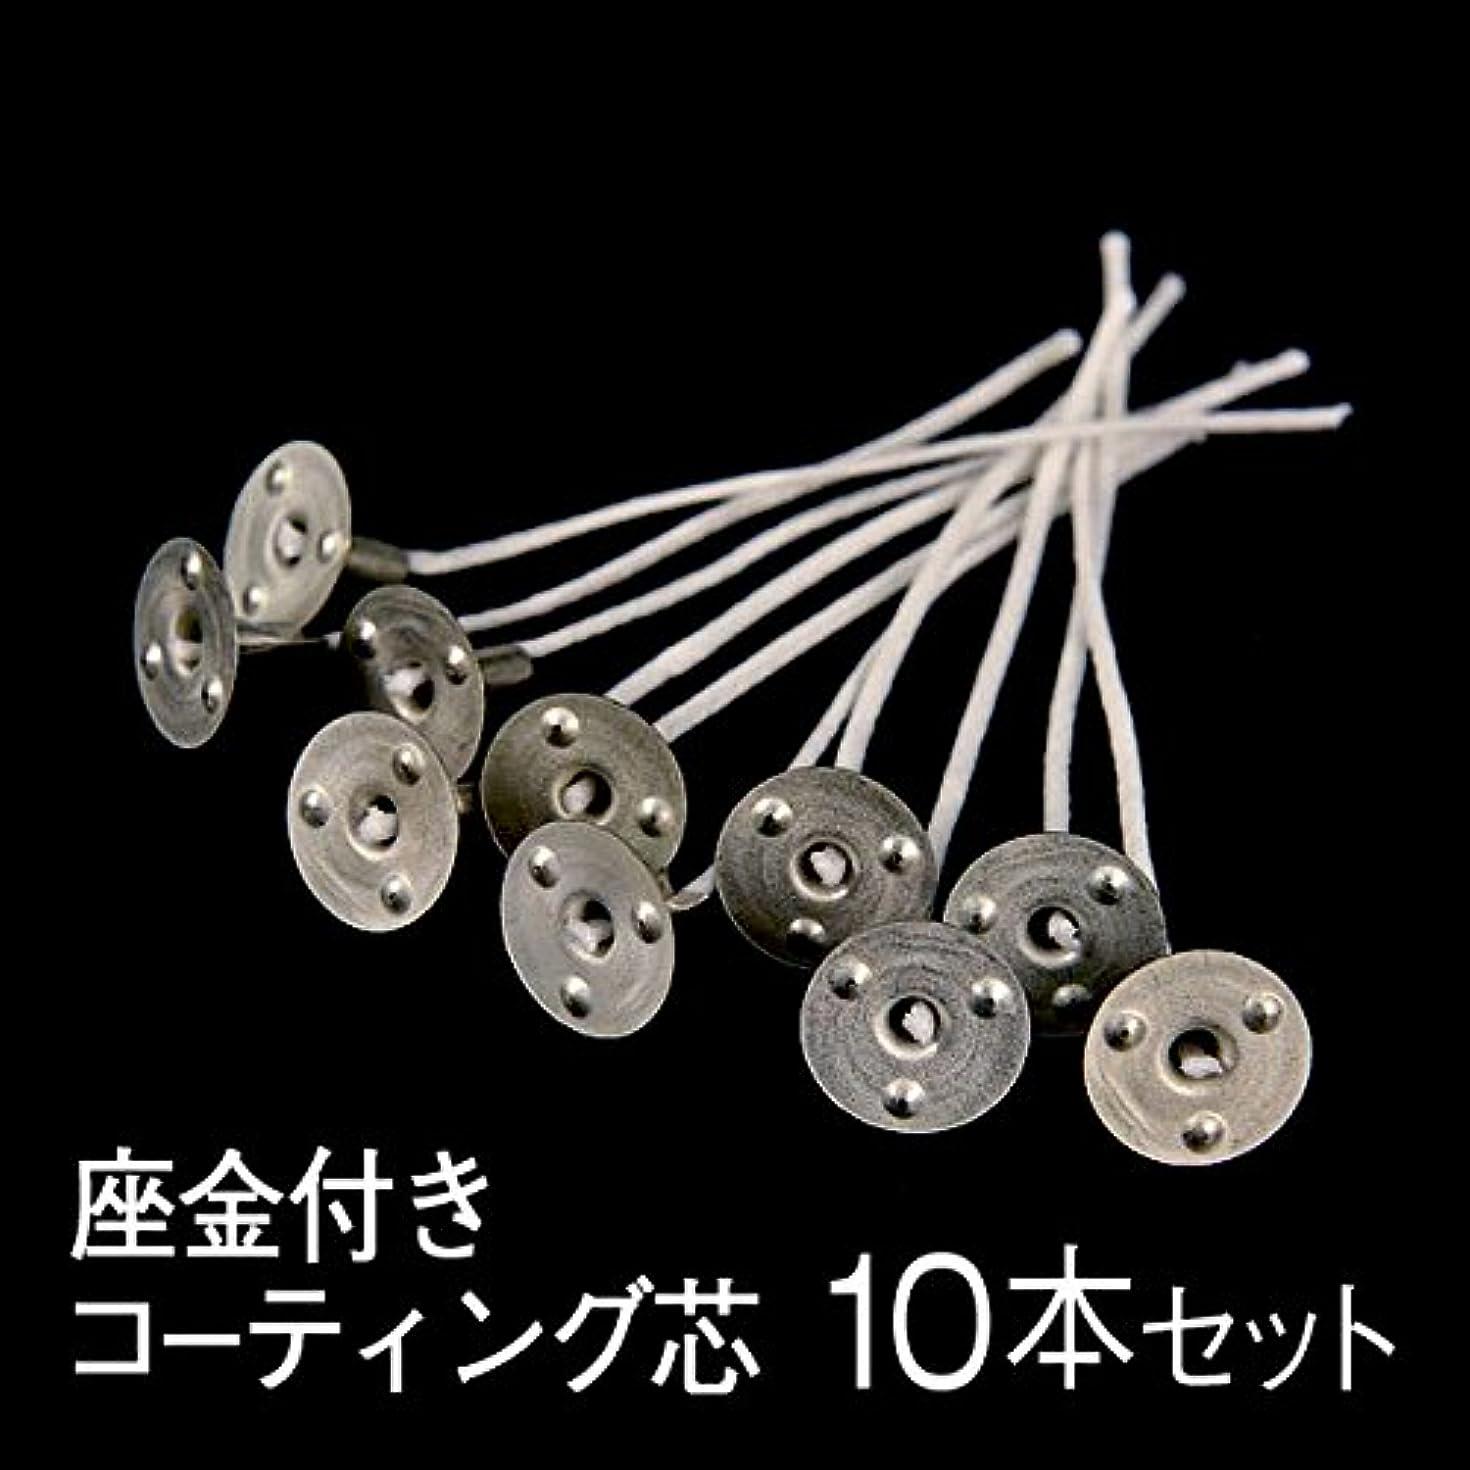 《10本セット》 キャンドル用 座金付きコーティング芯 キャンドル 座金 芯 材料 手作り キット ジェルキャンドル ジェルワックス ソイワックス パラフィン